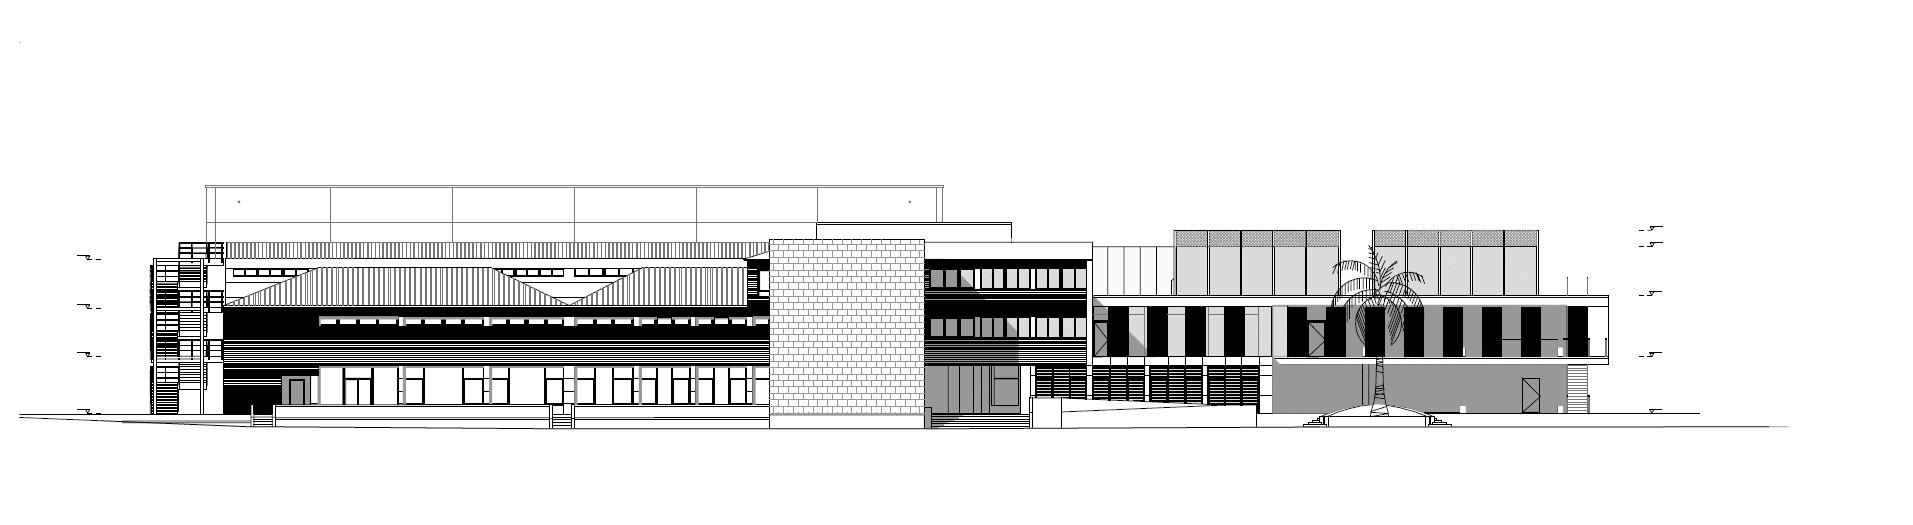 galer a de edificio de servicios generales en centro de nataci n helios acxt 29. Black Bedroom Furniture Sets. Home Design Ideas